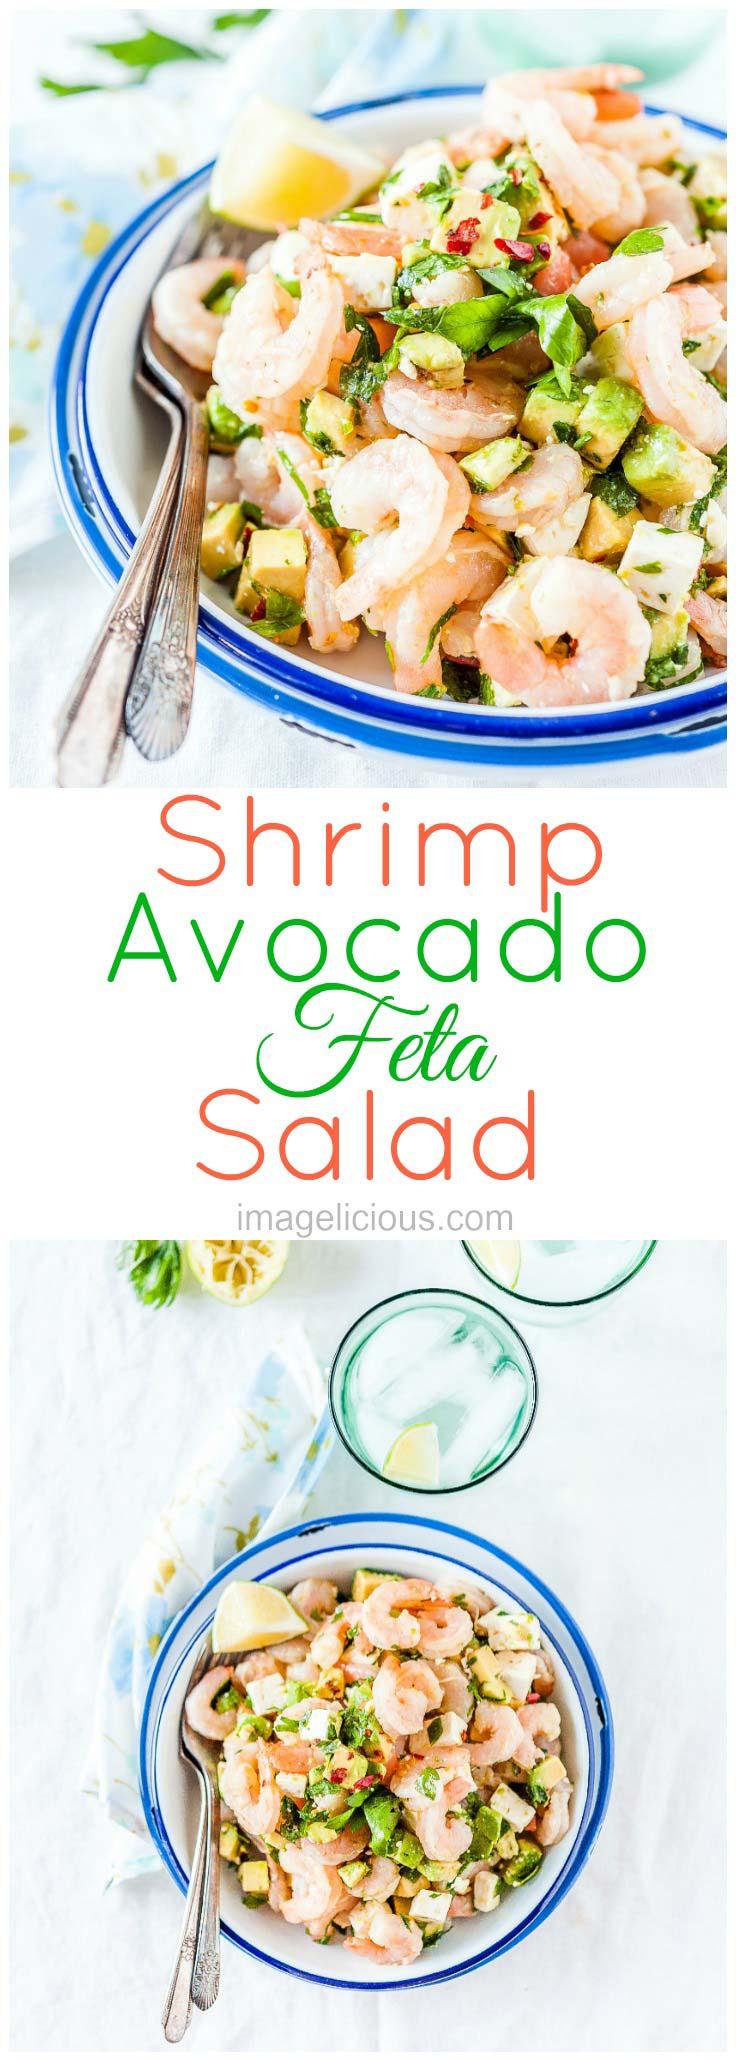 Shrimp   Avocado   Feta   Salad   Healthy   Easy   Quick   5-minutes   Imagelicious